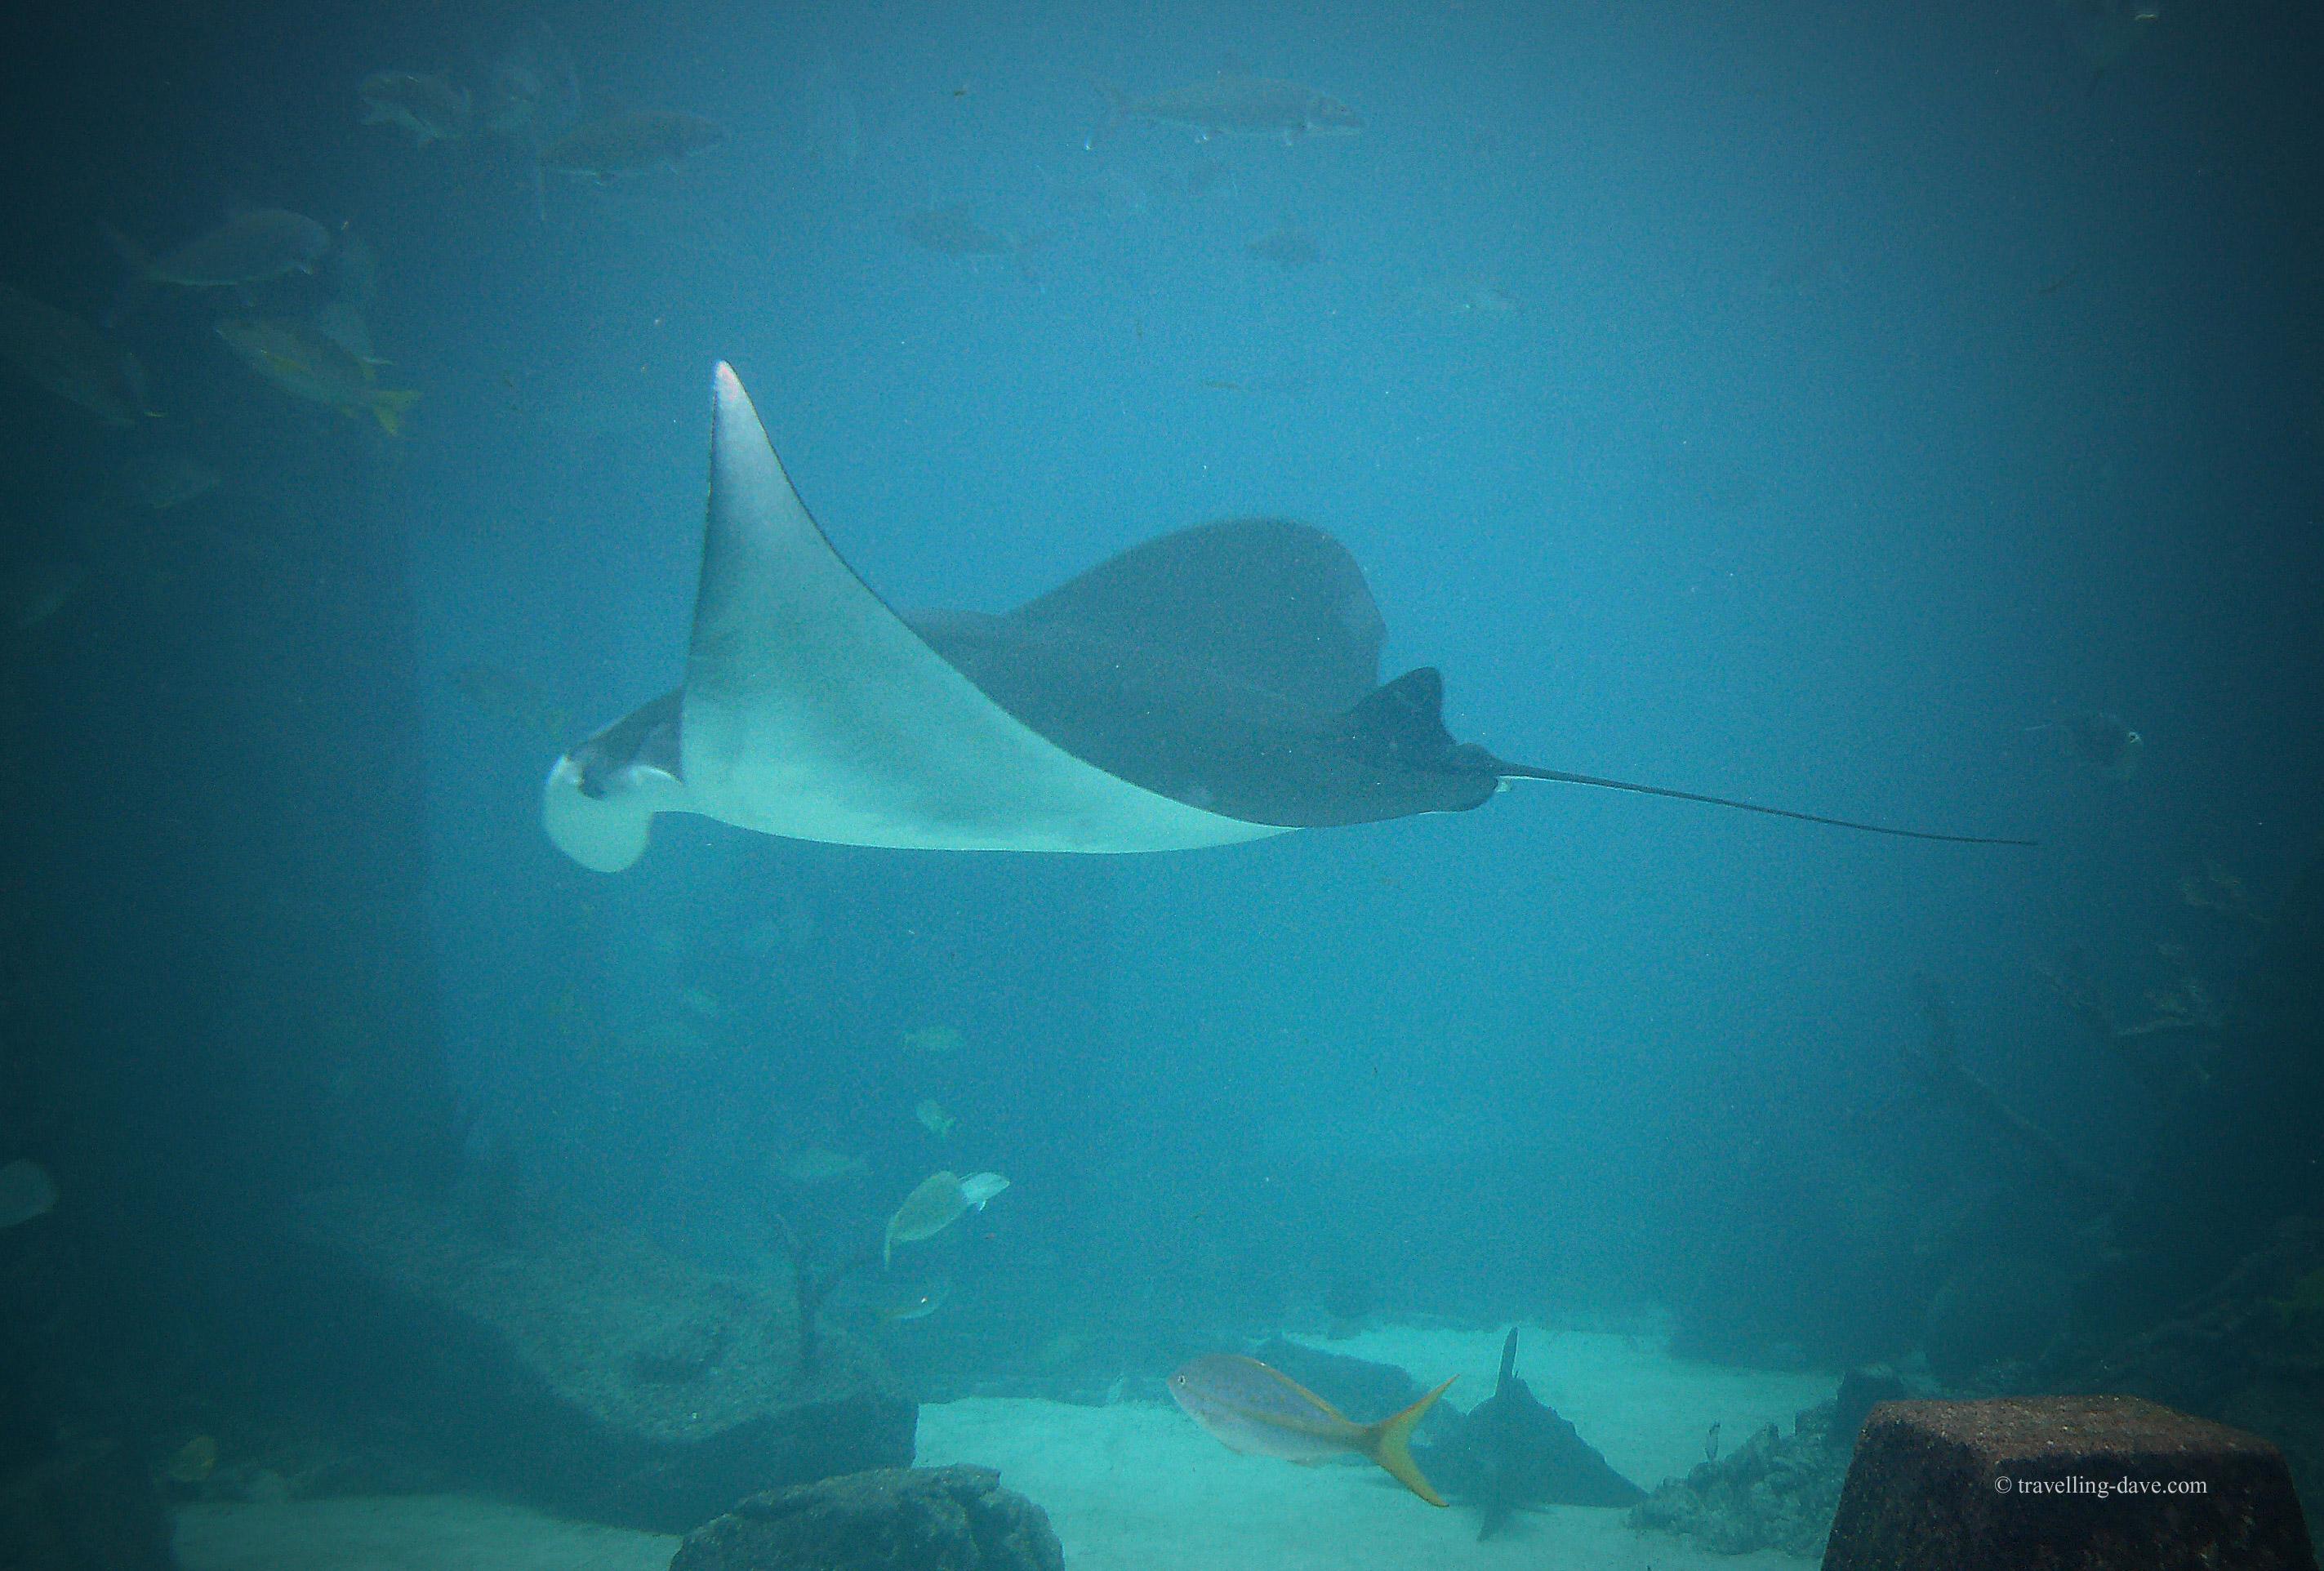 A manta ray swimming at Atlantis Resort Aquarium in the Bahamas.